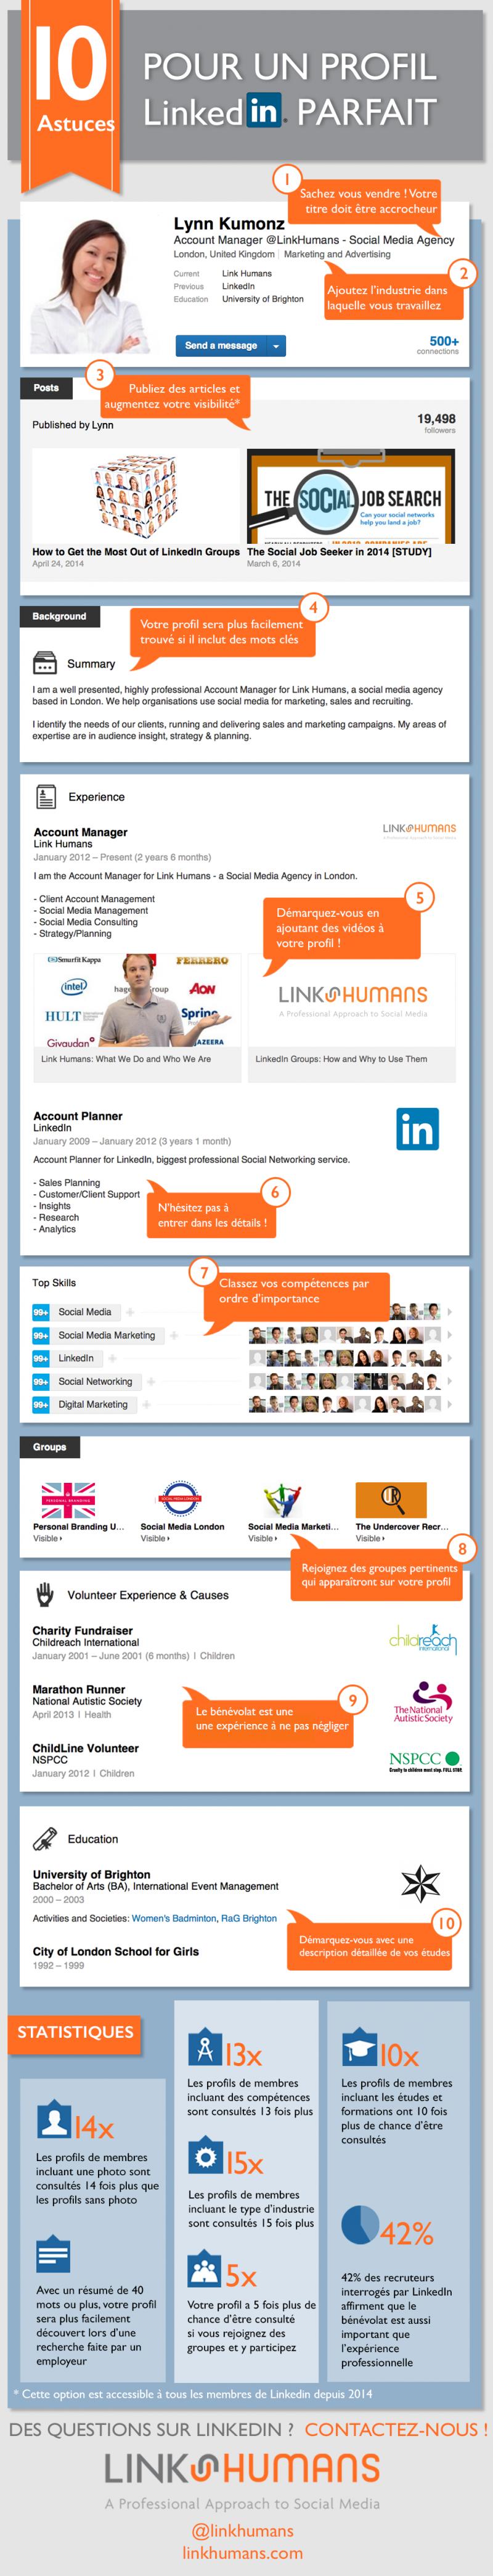 Infographie d un bon profil LinkedIn